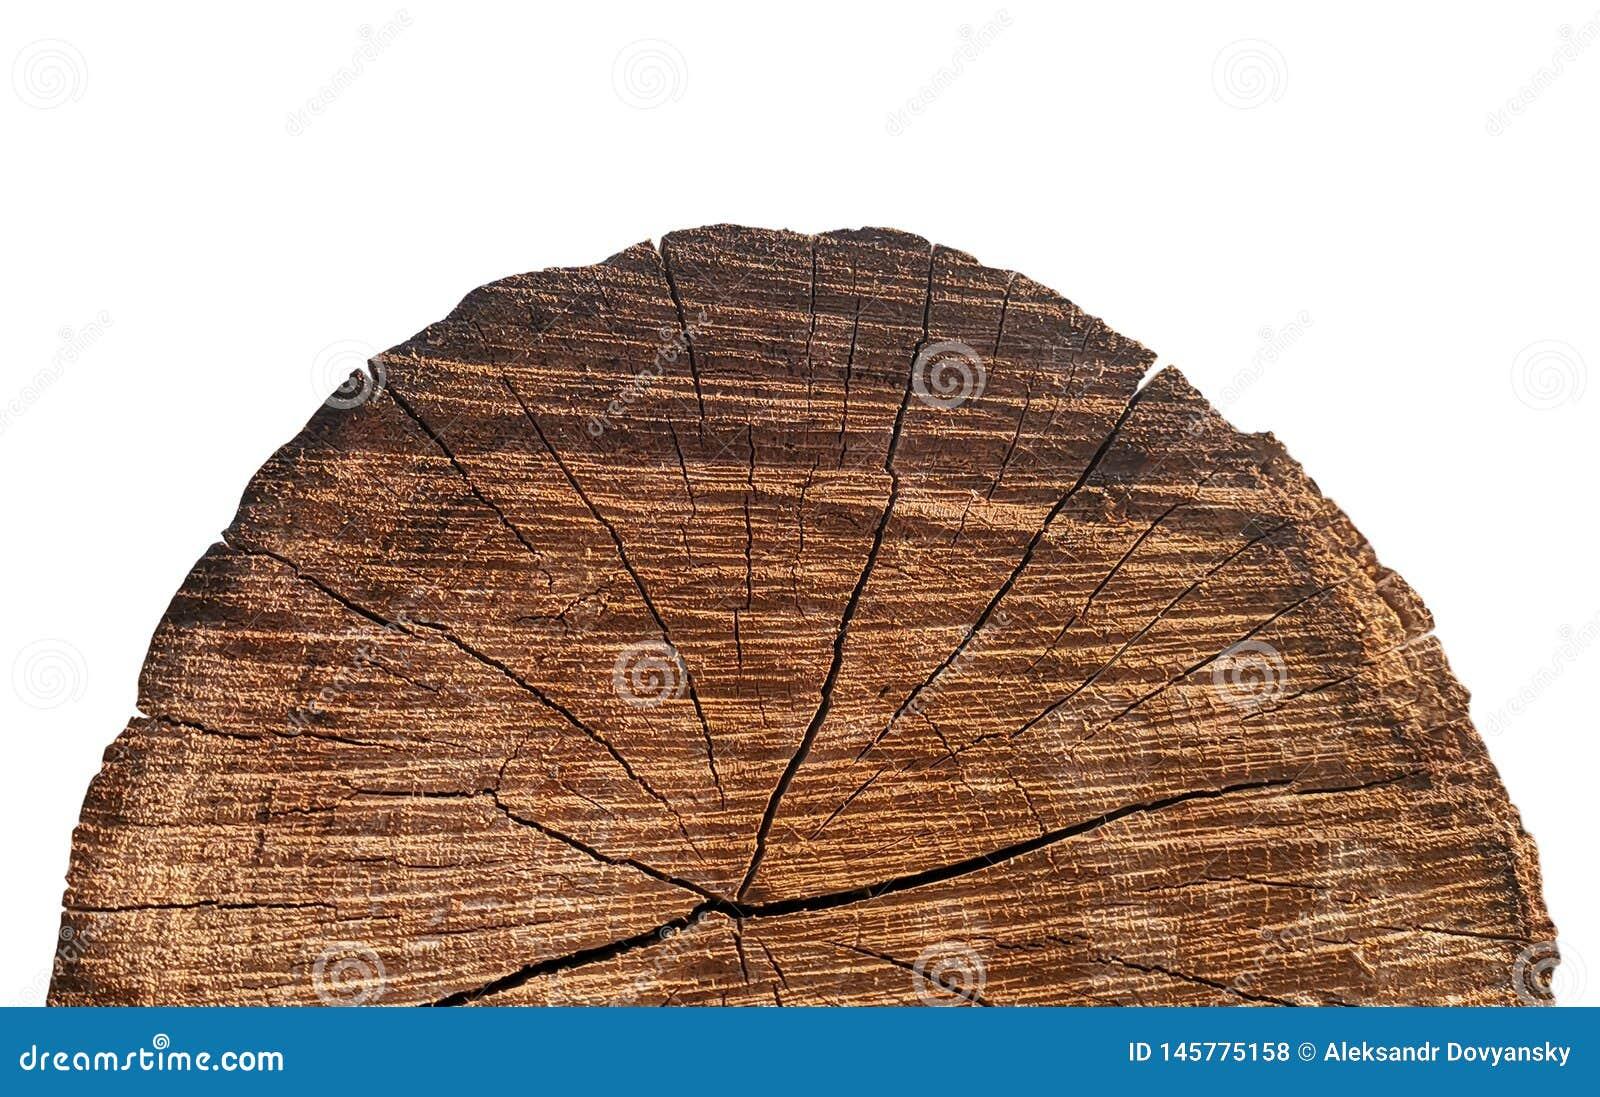 Der Kern des alten Baums mit Sprungsnahaufnahme